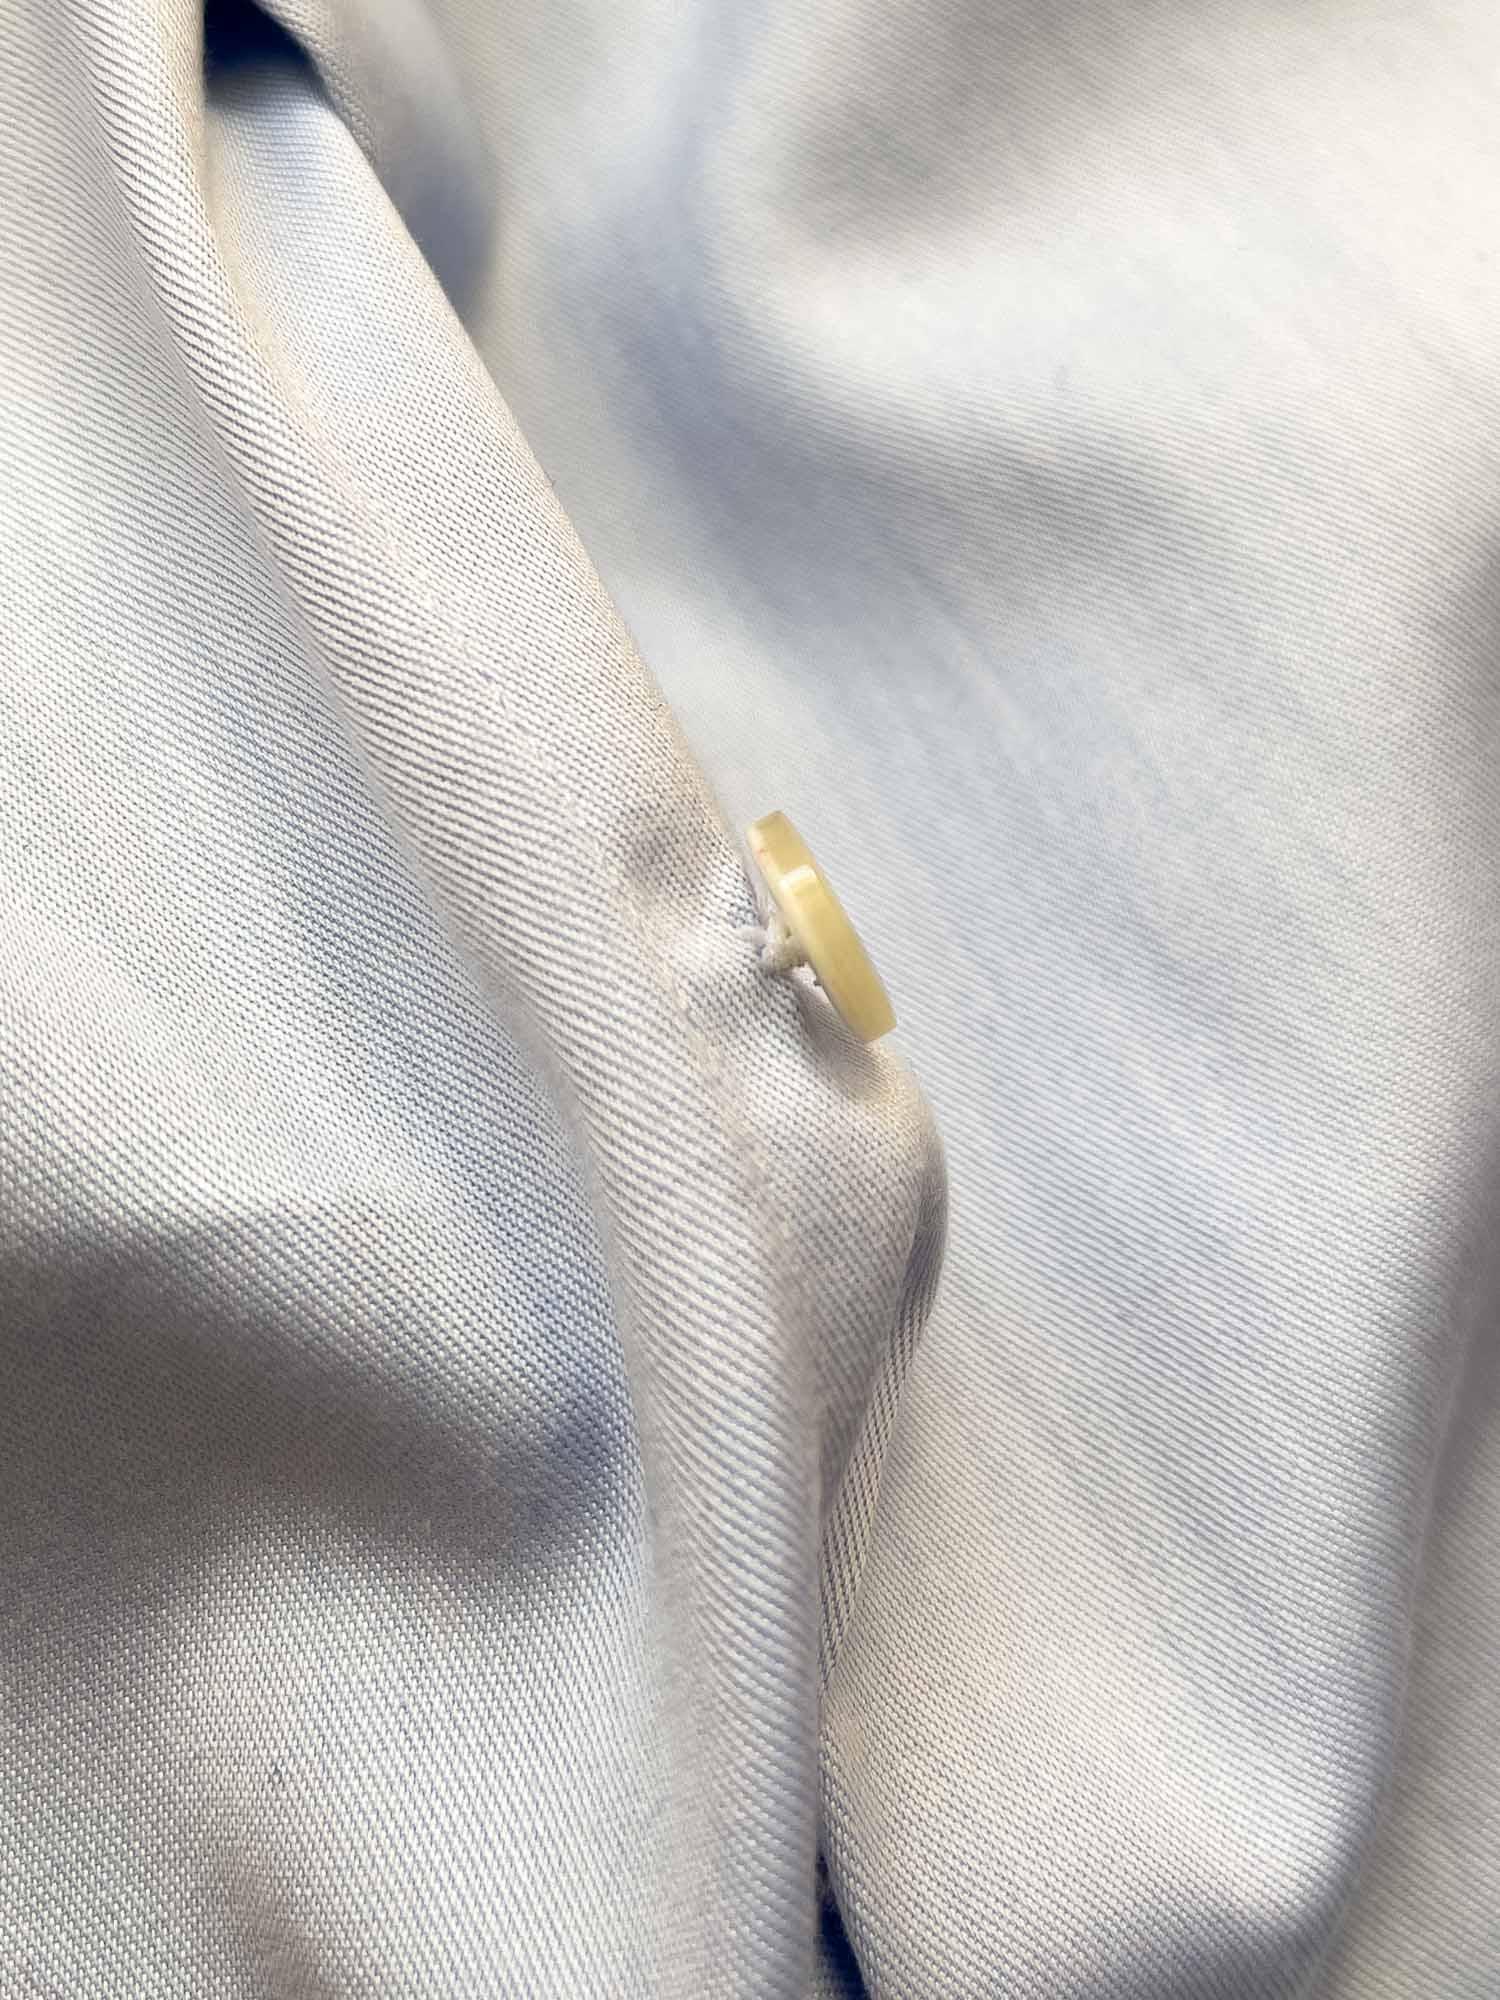 knap på barons skjorte